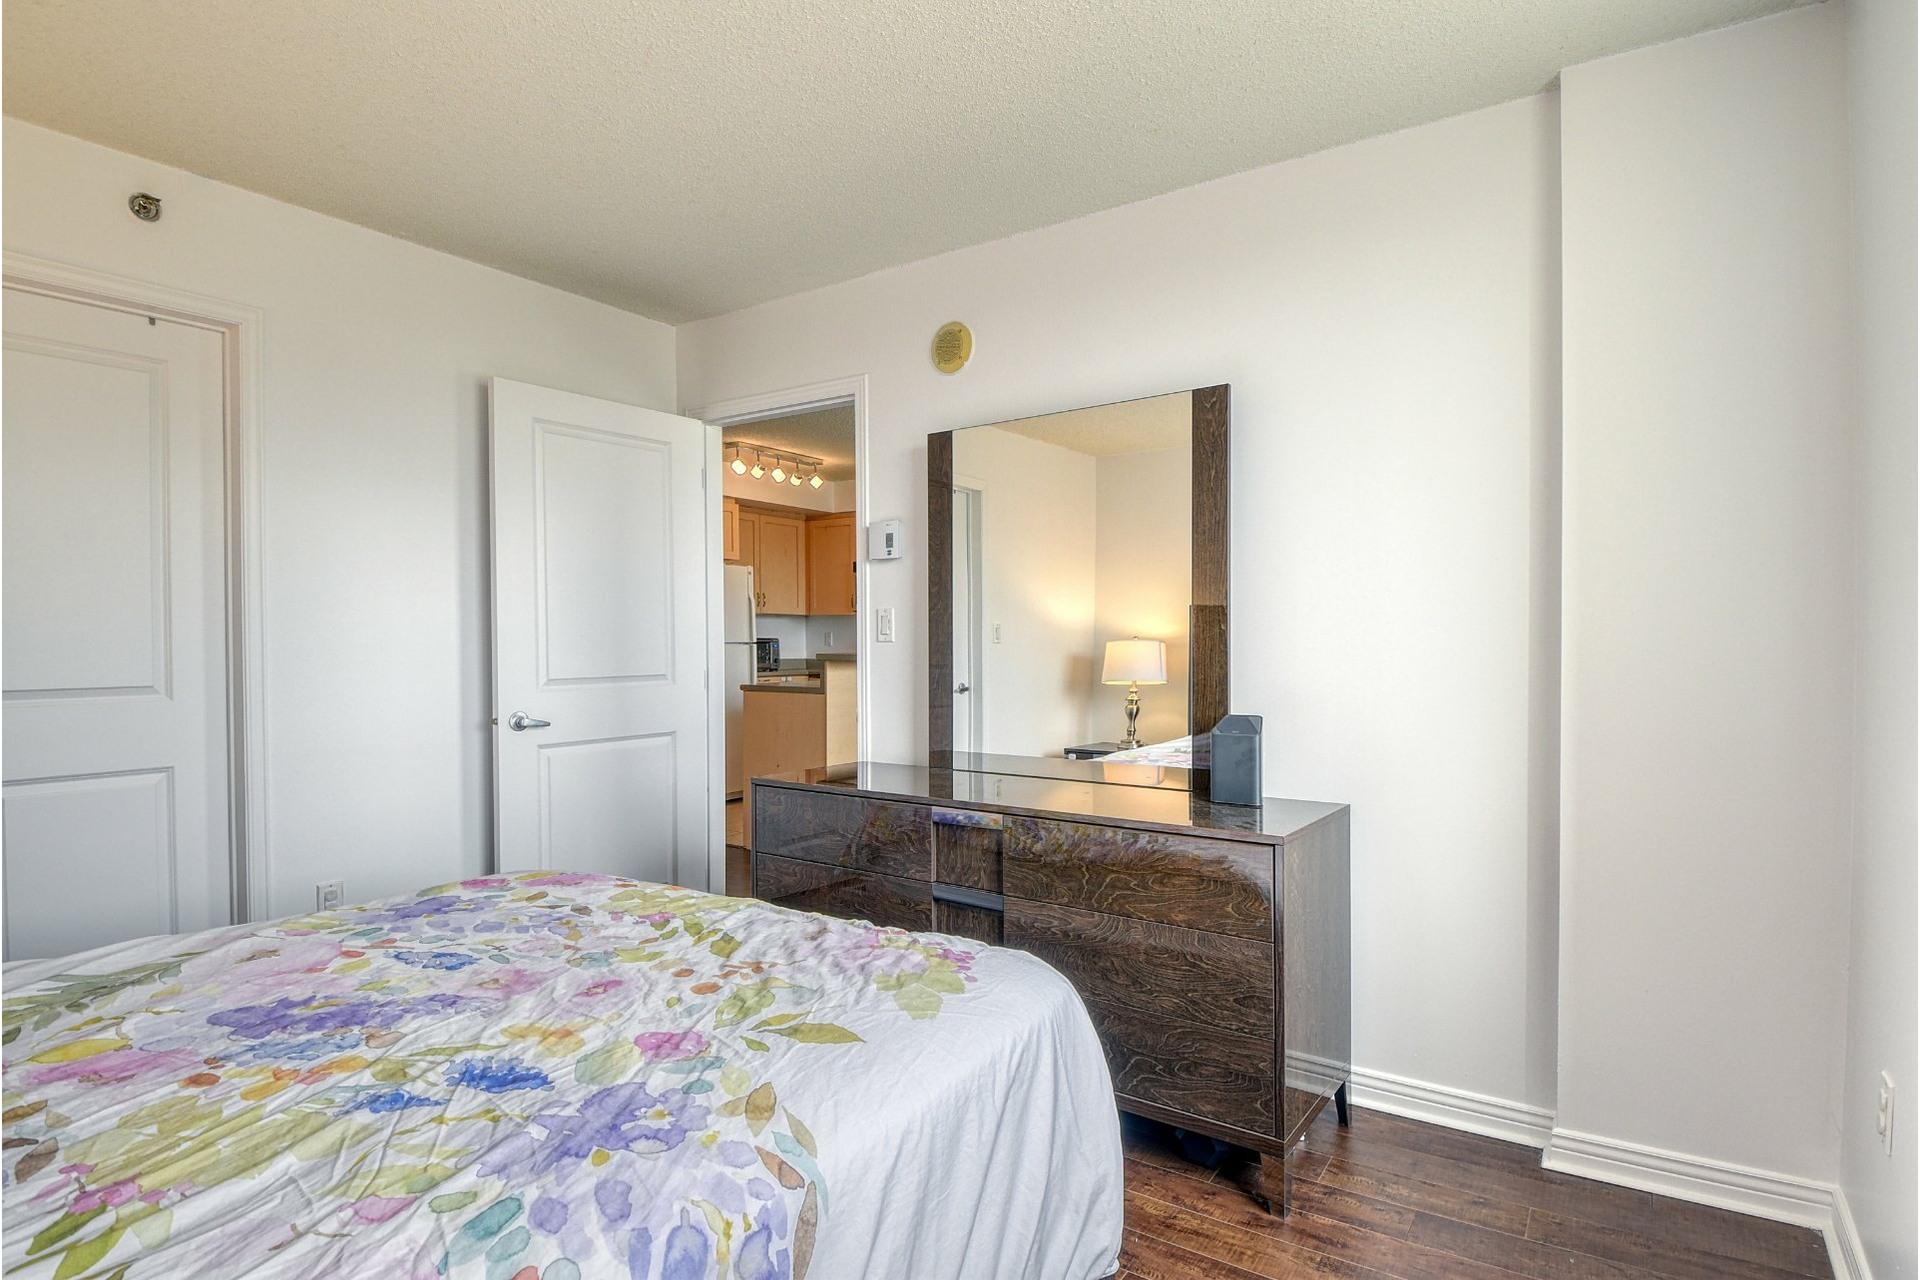 image 11 - Apartment For sale Ville-Marie Montréal  - 4 rooms